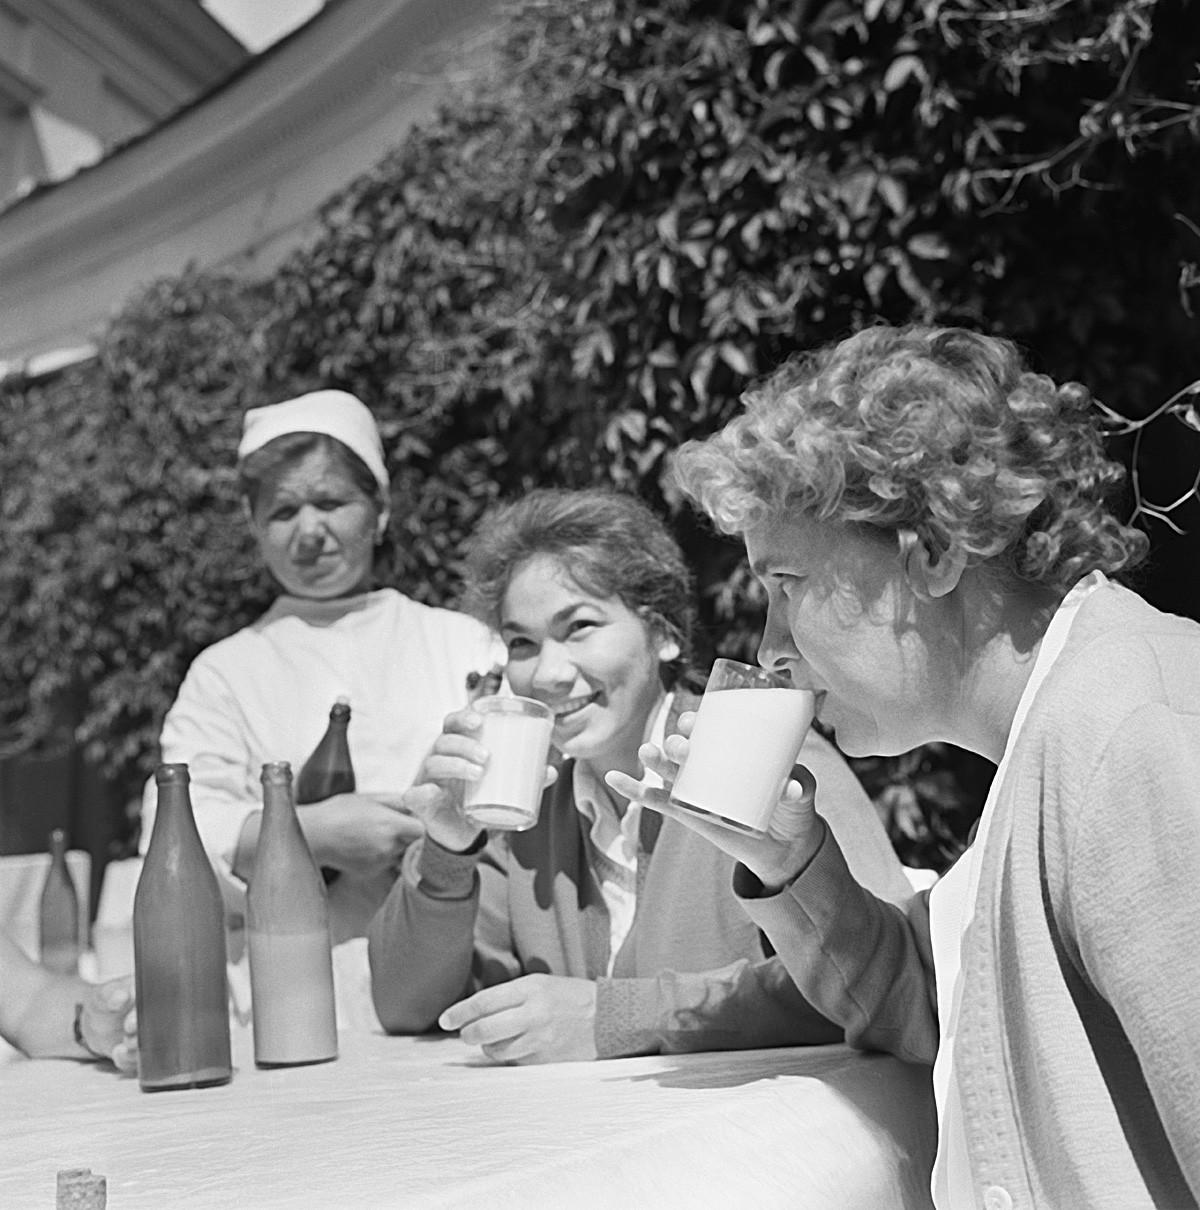 Московска област. СССР. Юни 1964 г. Пациентите на профилактичен туберкулозен център пият кумис по време на лечебна процедура. Точният ден на фотографията не е известен.